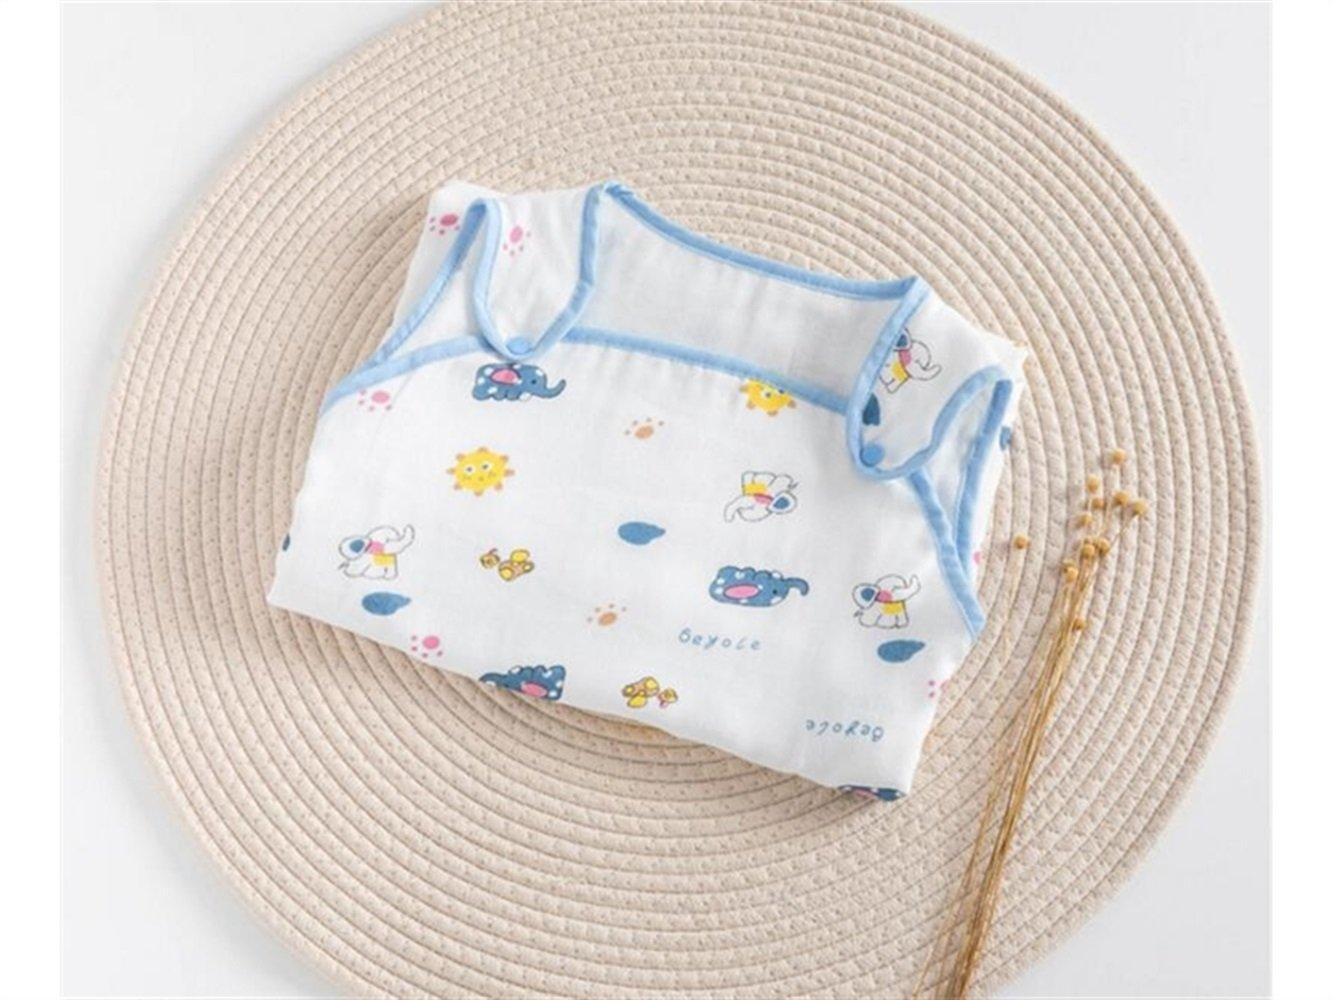 JxucTo Bolsa de dormir anti-patada del verano del bebé ...